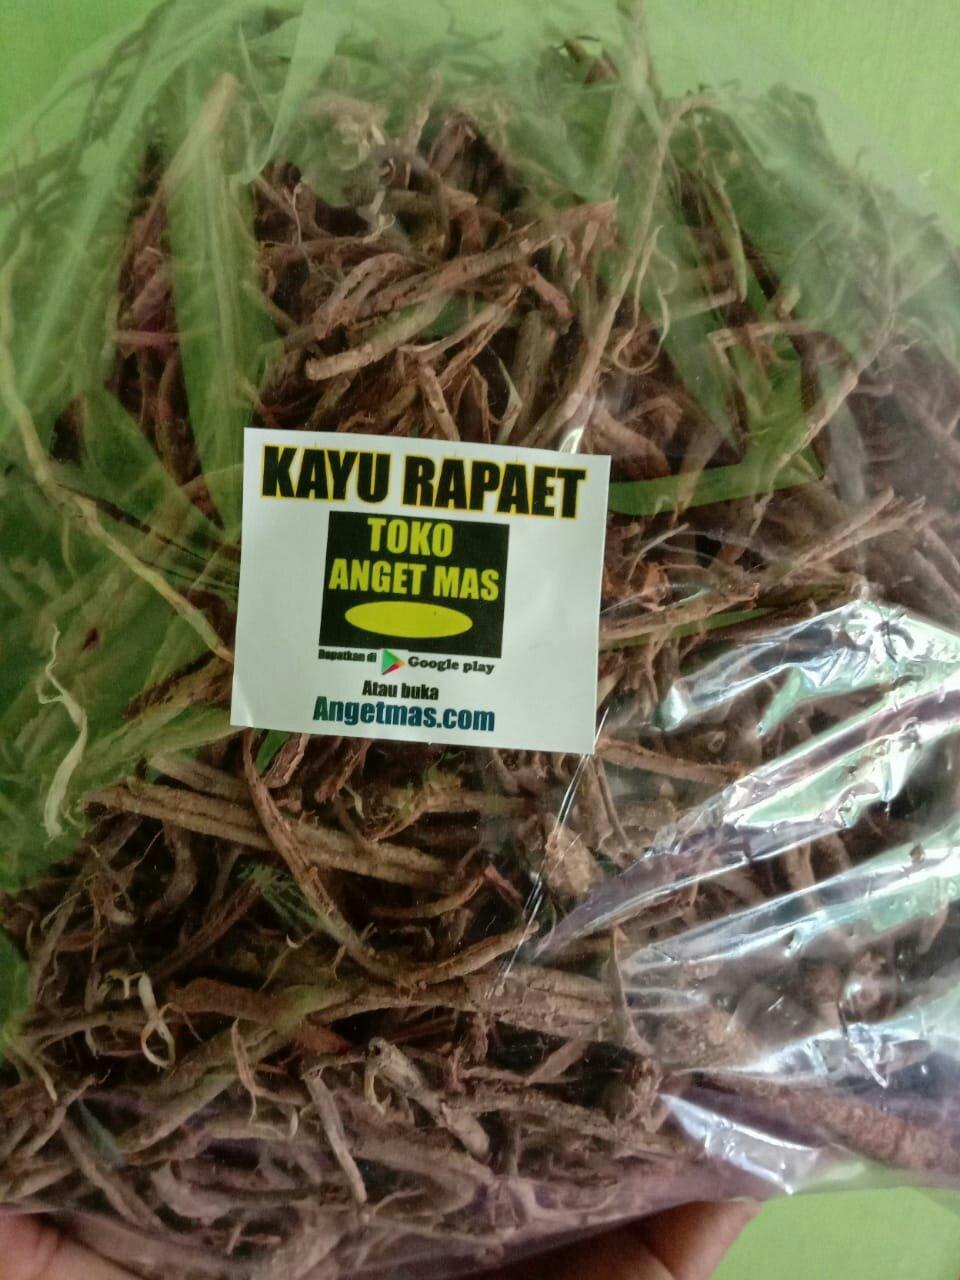 Jual kayu Rapet, manfaat kayu Rapet sangat baik untuk kesehatan dan pengobatan